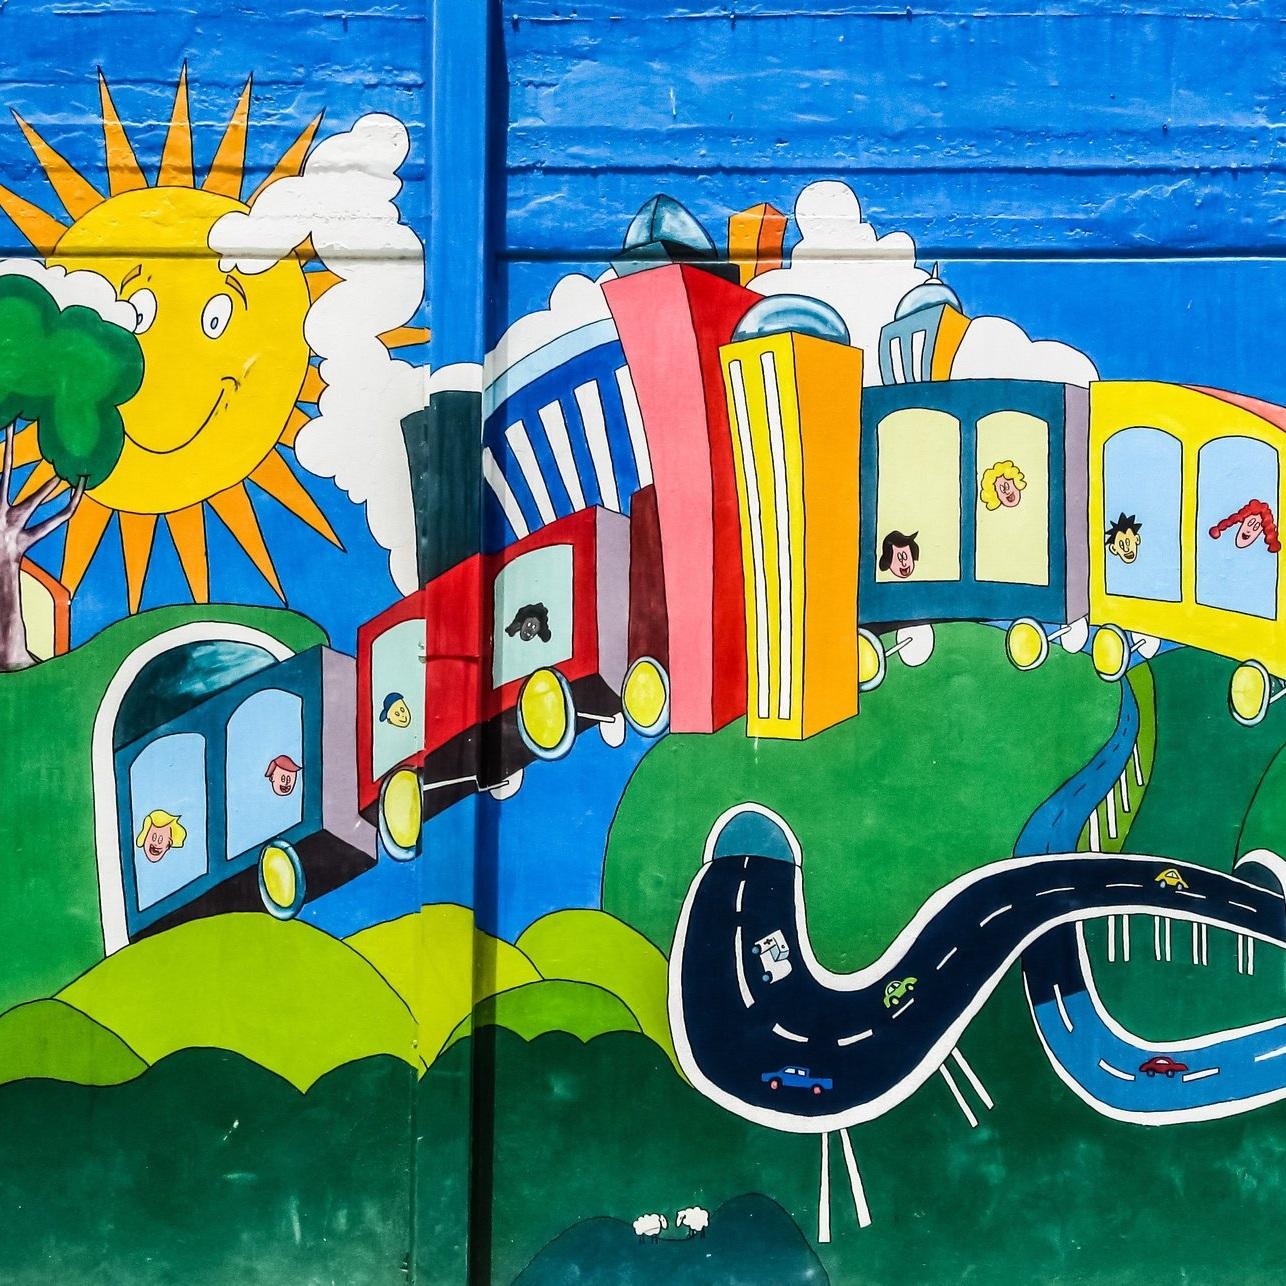 graffiti-1437061.jpg